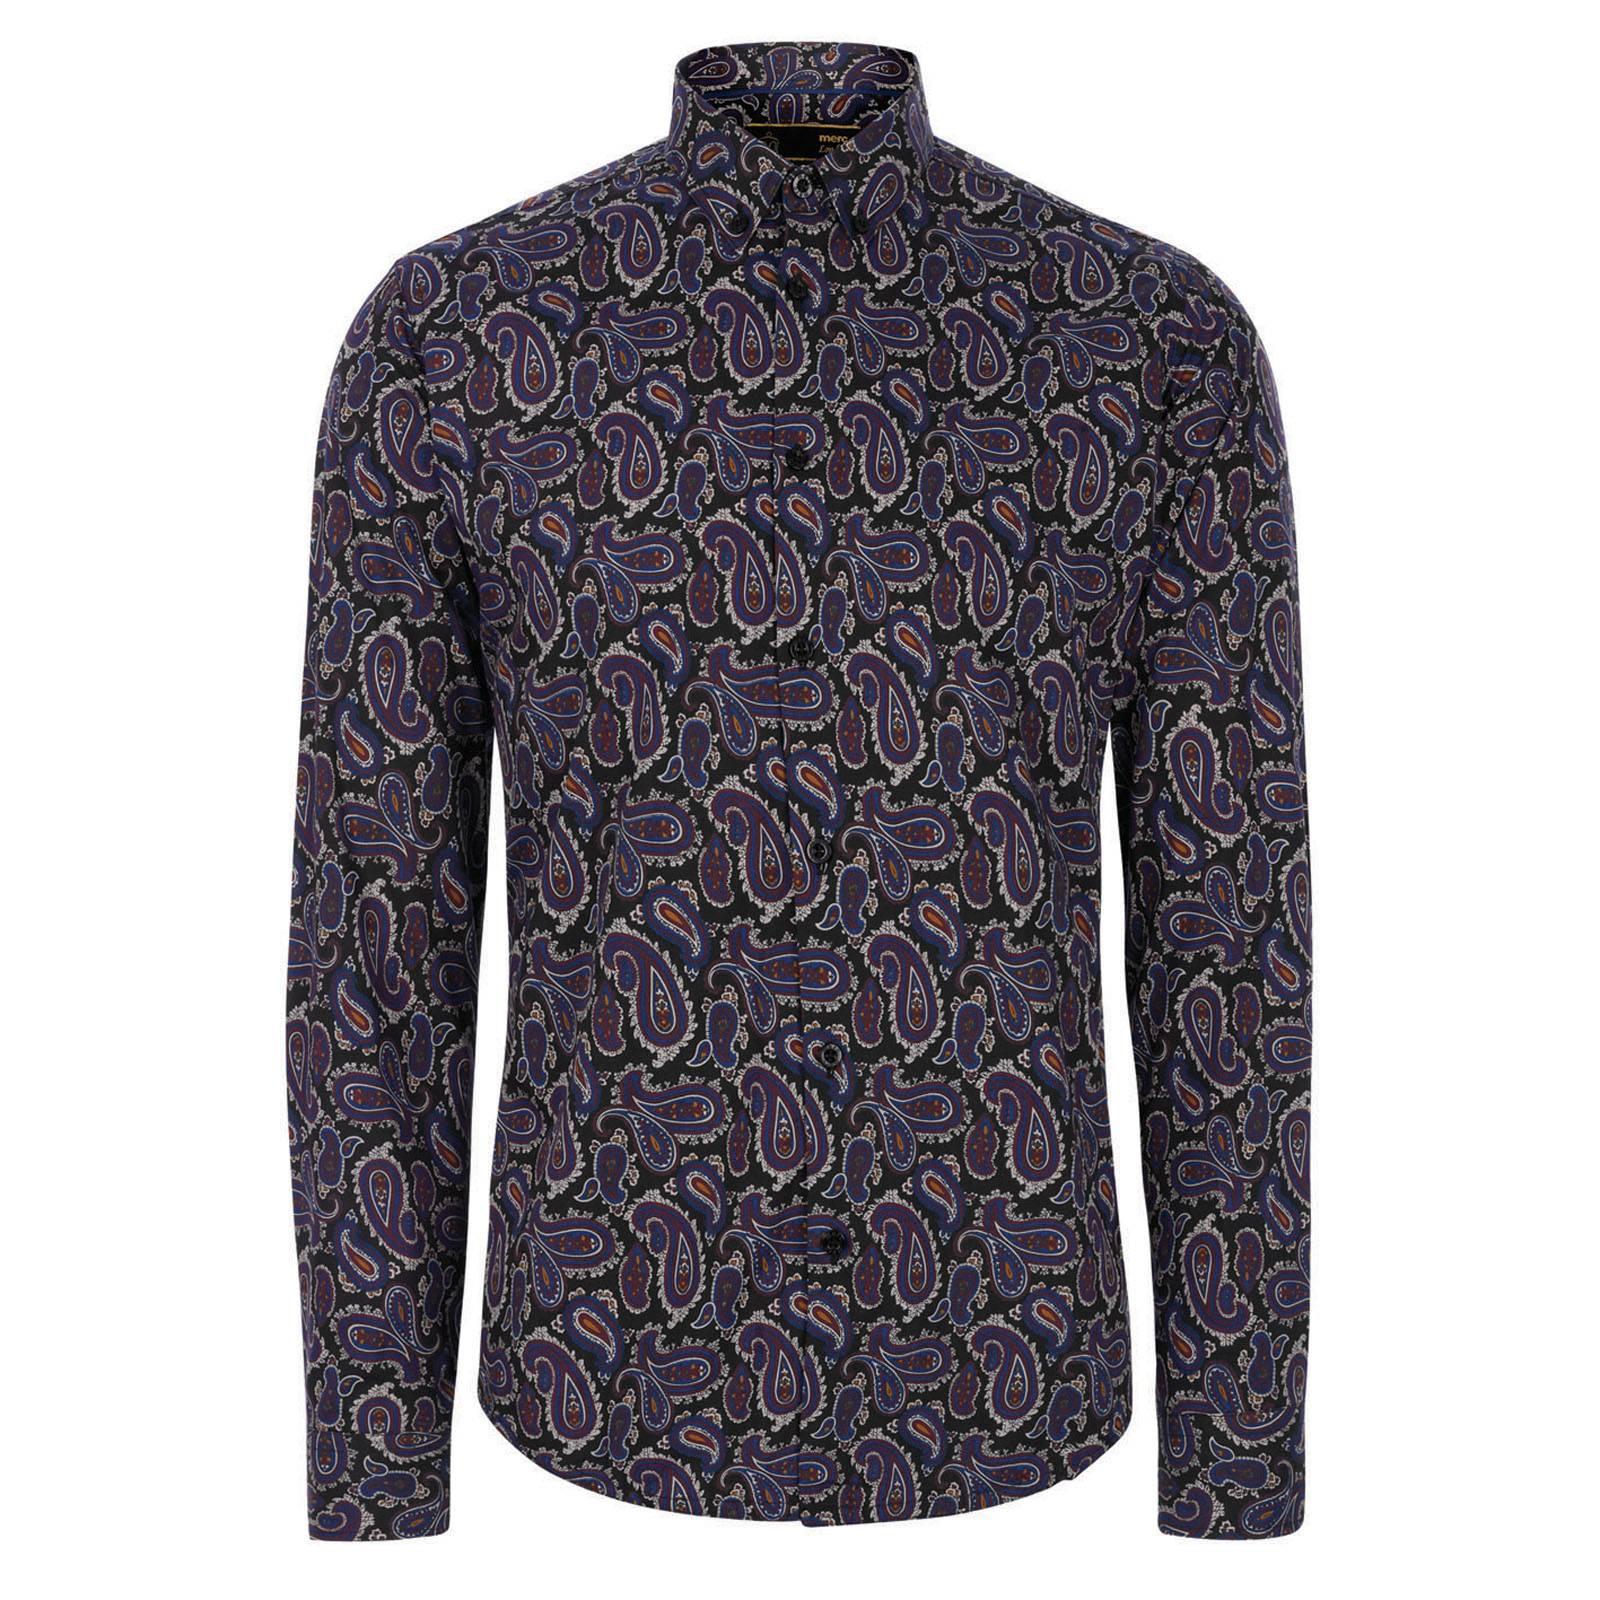 Рубашка ElkinsРубашки<br>Знаковая для Merc приталенная рубашка с орнаментом &amp;amp;quot;пейсли&amp;amp;quot;, неизменно присутствующая в каждой его коллекции, в сезоне AW / 13 вошла в состав премиальной линии &amp;amp;quot;W1&amp;amp;quot;, выполнена в богатых вишневых и фиолетовых тонах и смотрится по-особенному статусно и торжественно. Аккуратный воротник &amp;amp;quot;button-down&amp;amp;quot; на маленьких пуговицах делает эту рубашку еще более удачной для сочетания с V-образным трикотажем. Безусловный must-have осенне-зимней коллекции.<br><br>Артикул: 1513210<br>Материал: 100% хлопок<br>Цвет: синий<br>Пол: Мужской